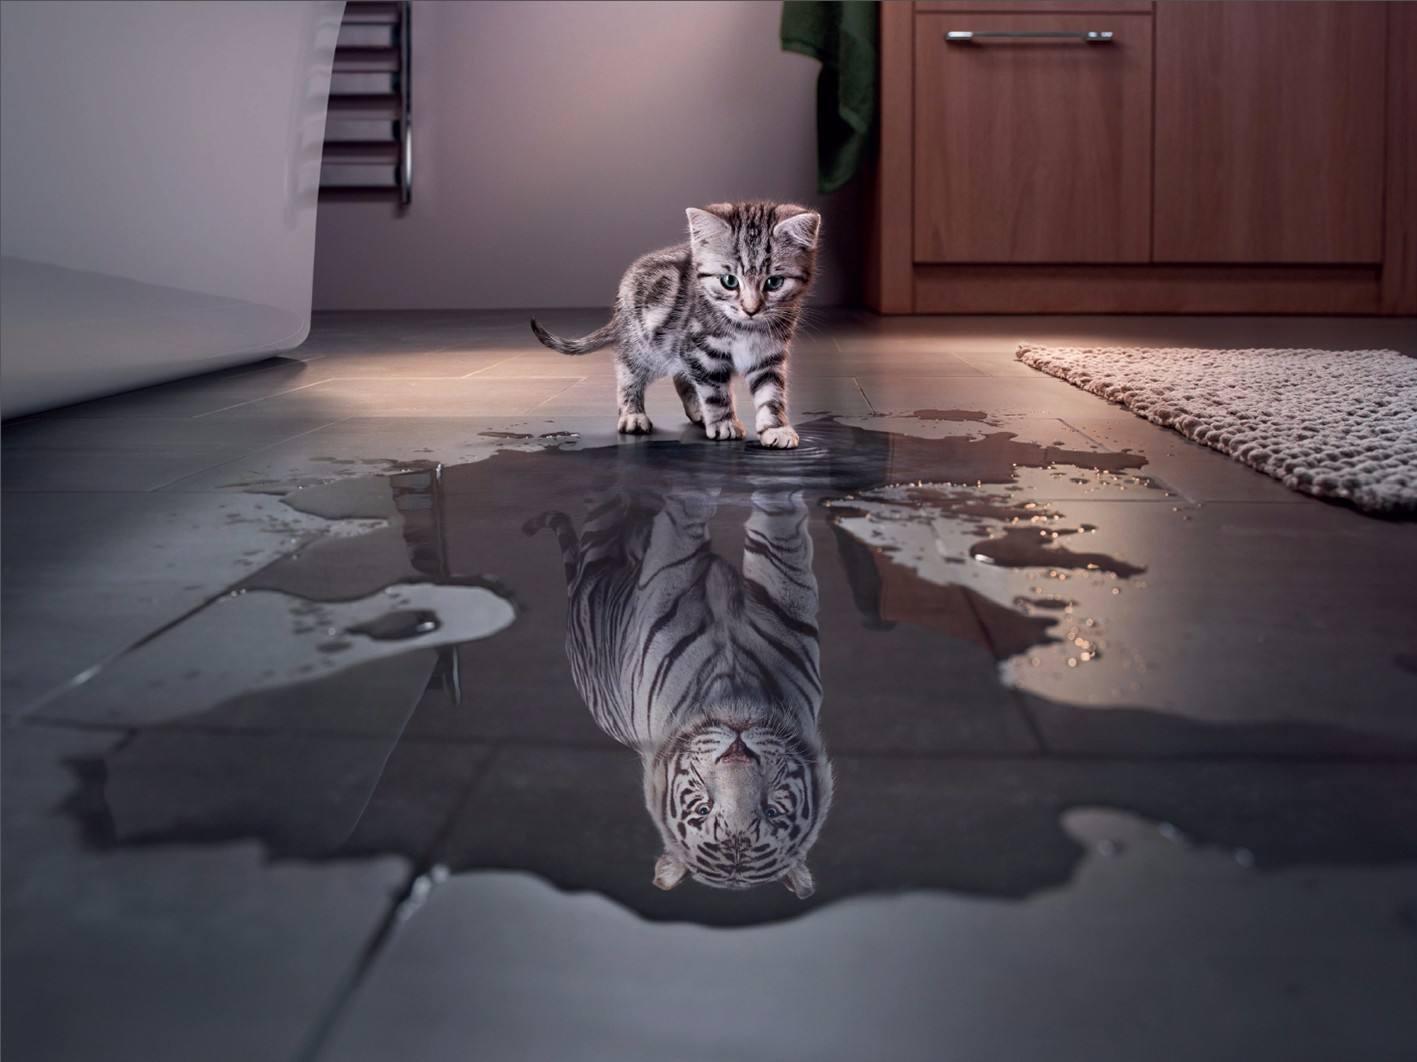 送图:别人怎么看你,不重要;你怎么看自己,很重要